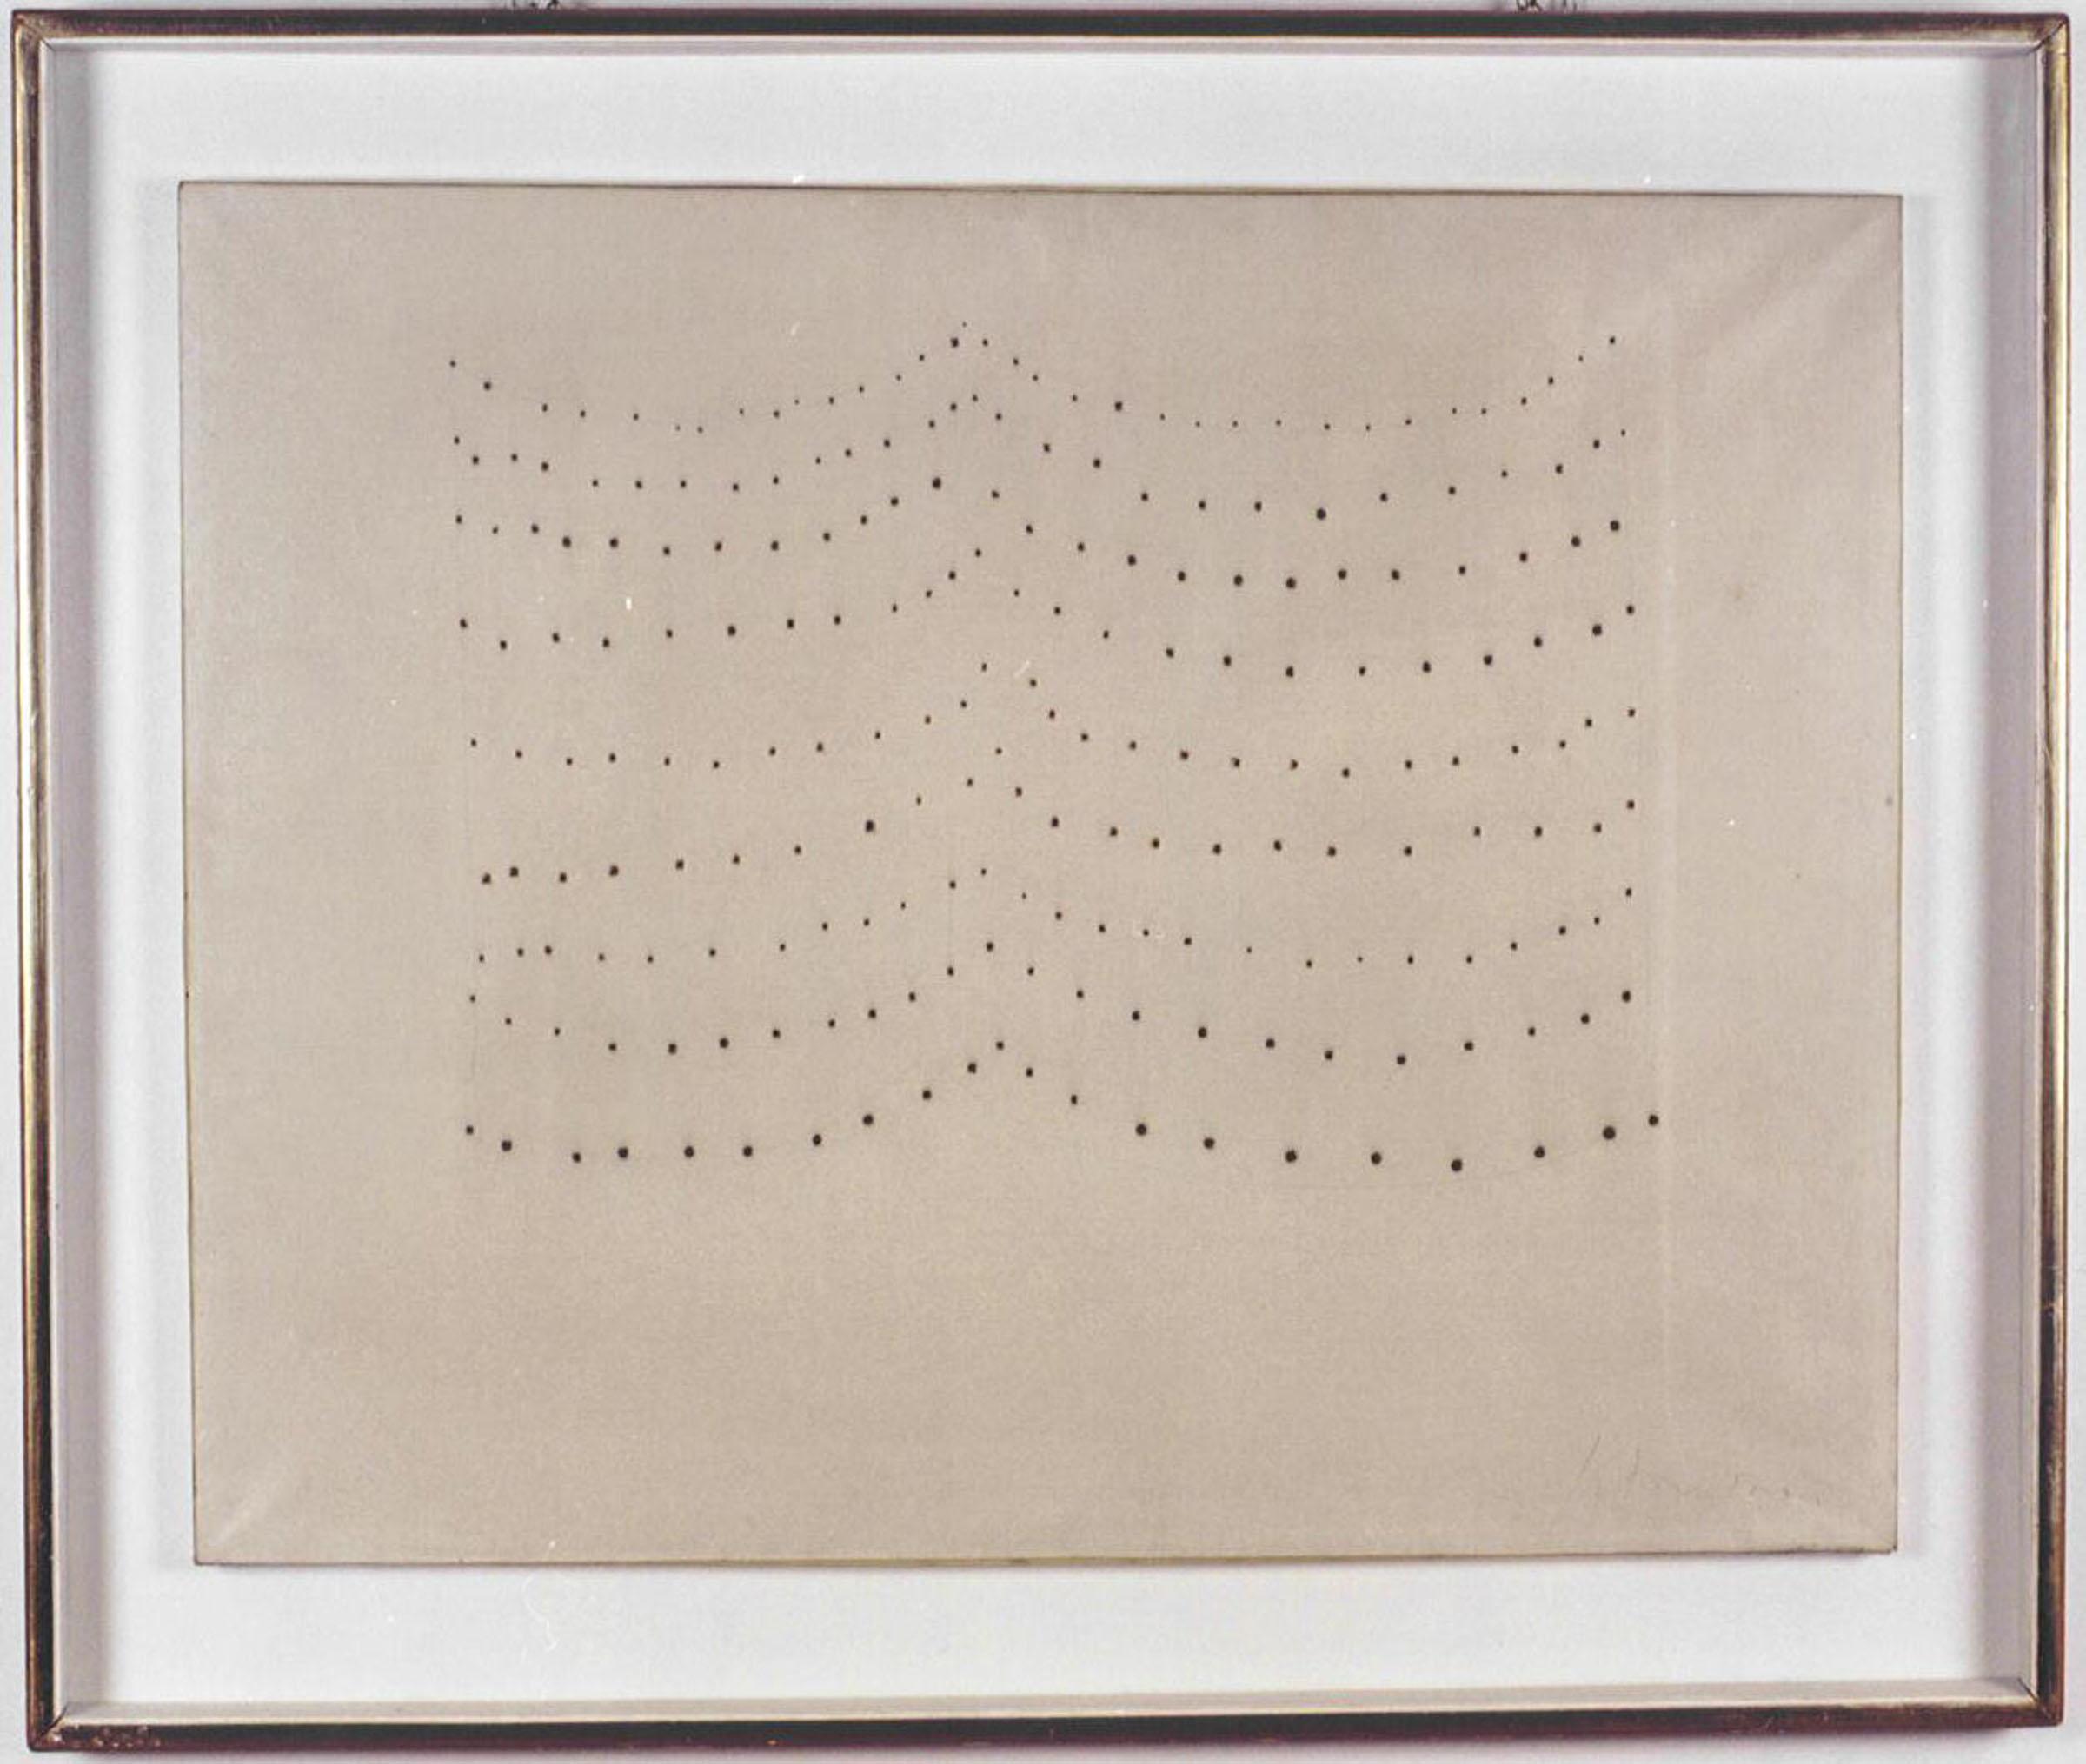 L.Fontana, concetto spaziale,1960